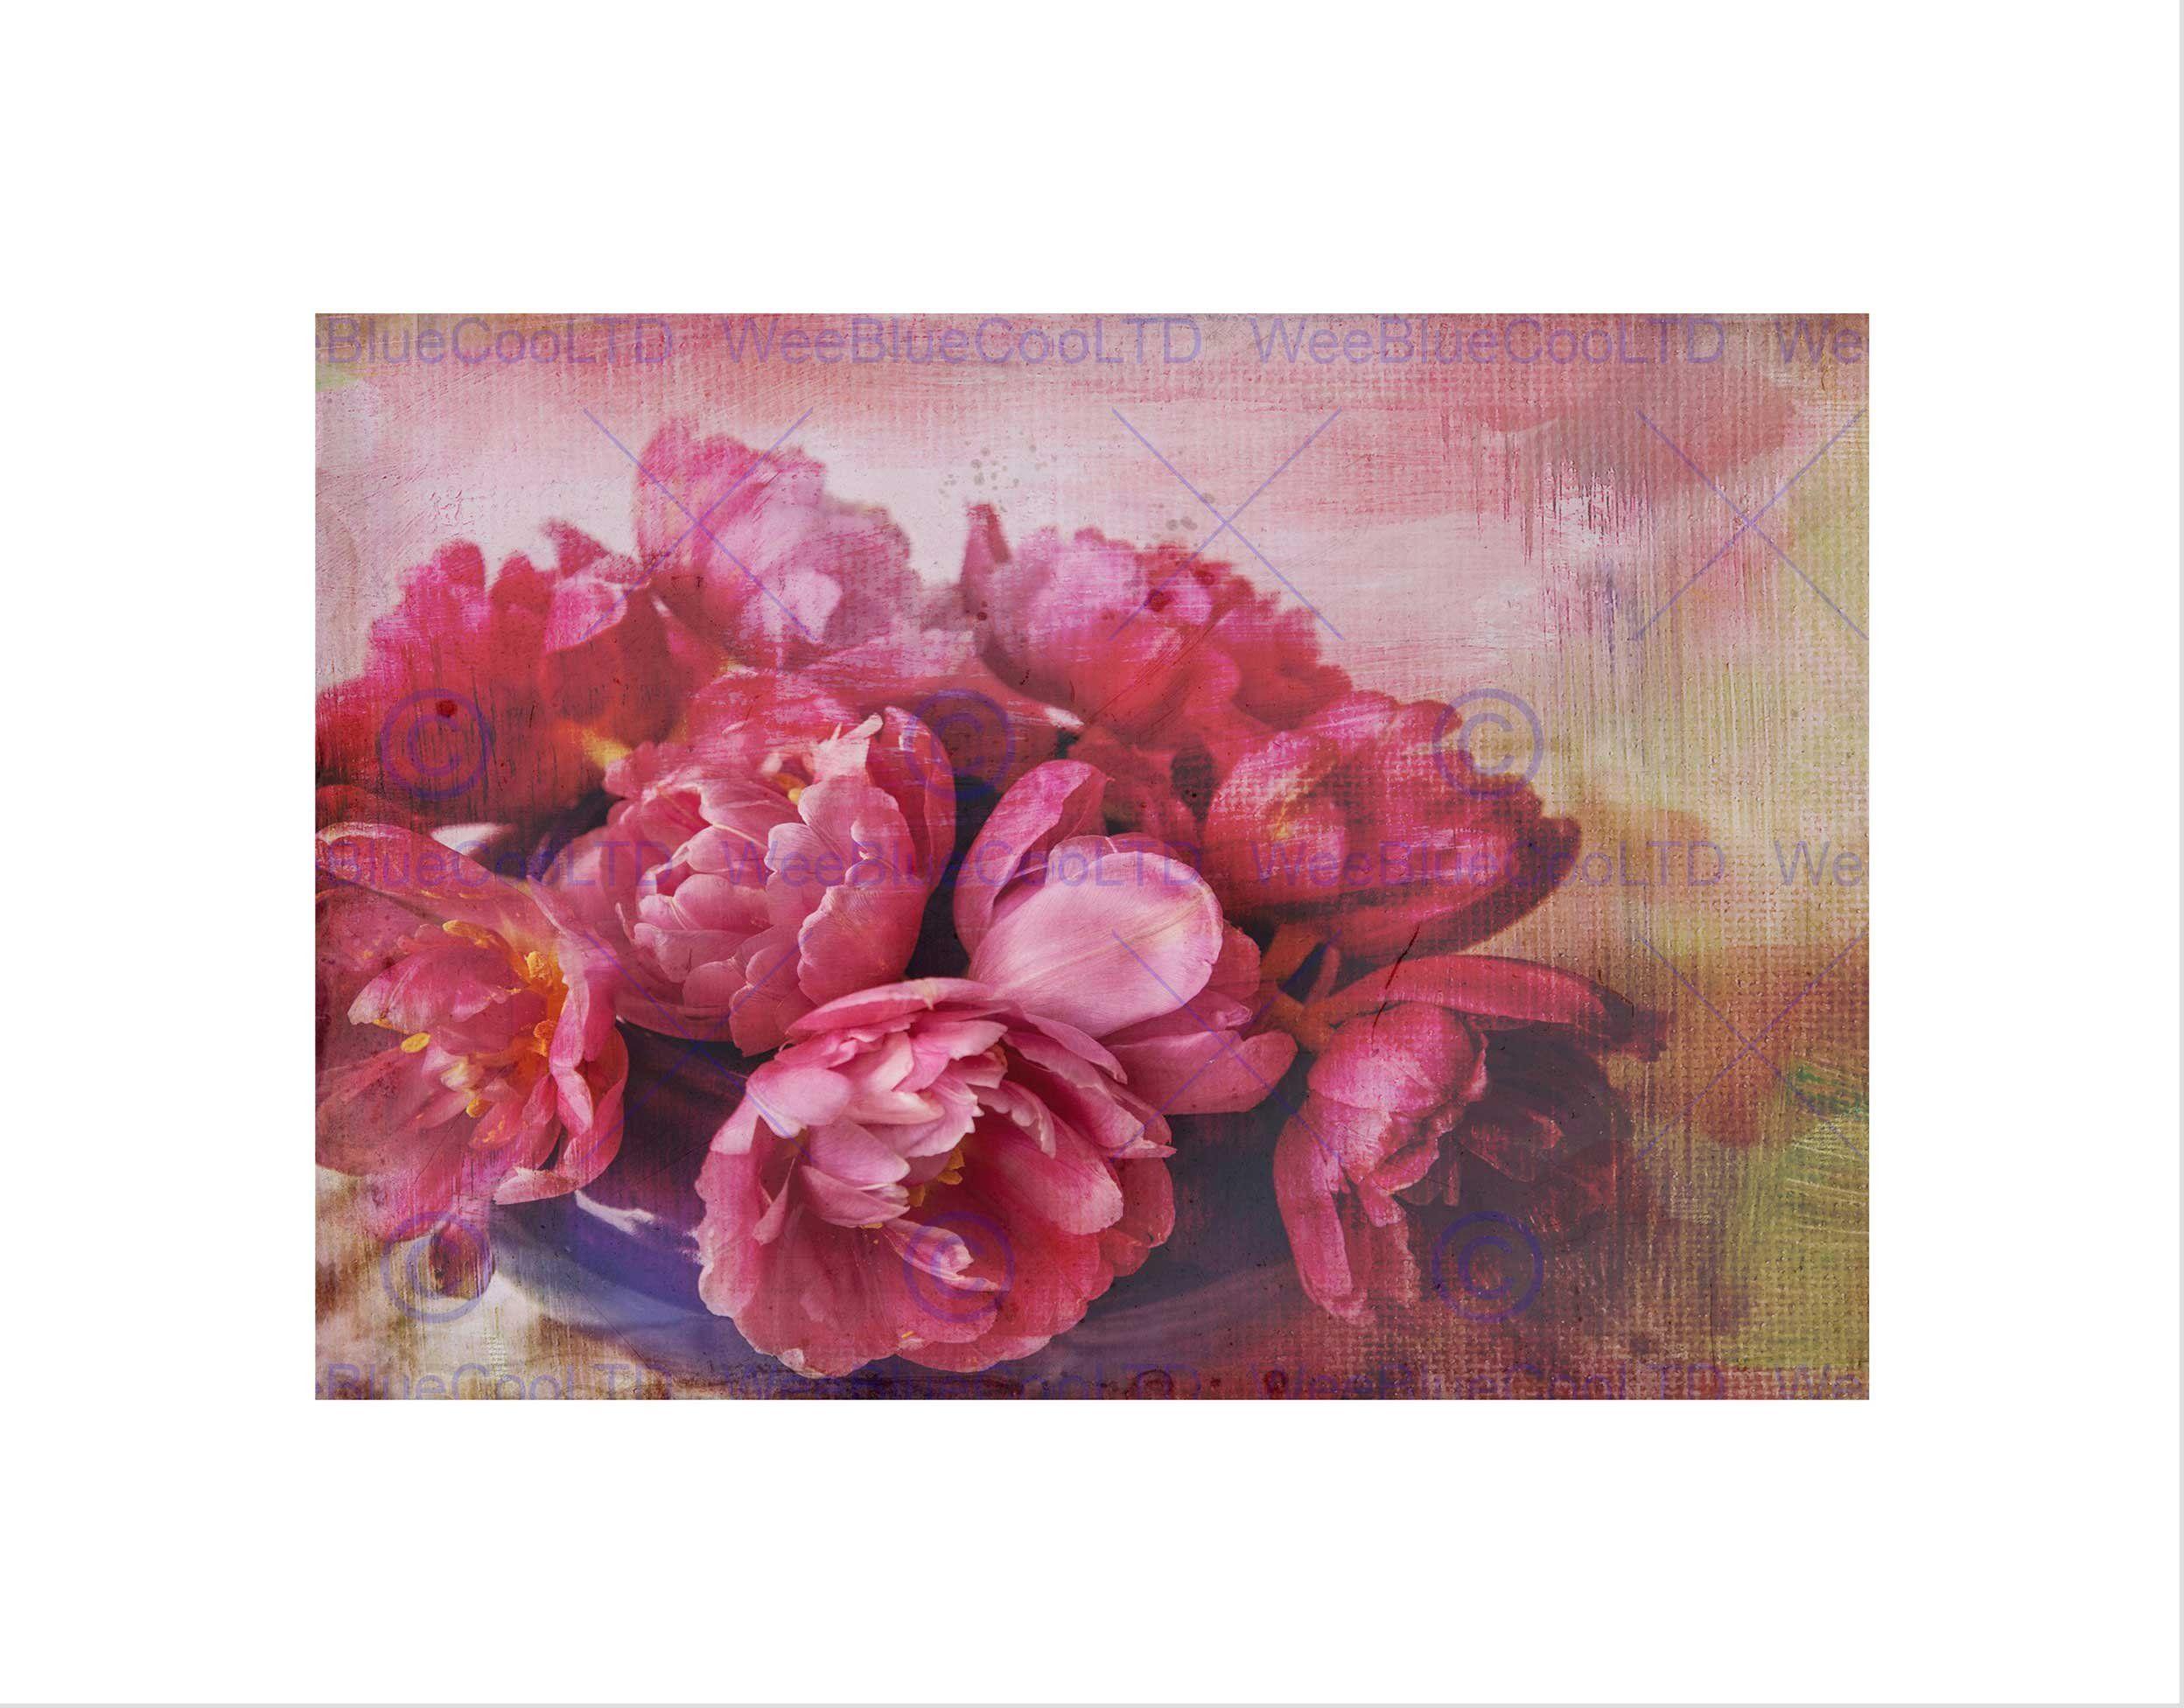 Wee Blue Coo Tulipany różowy bukiet kwiaty grunge sztuka obraz sztuka ścienna druk